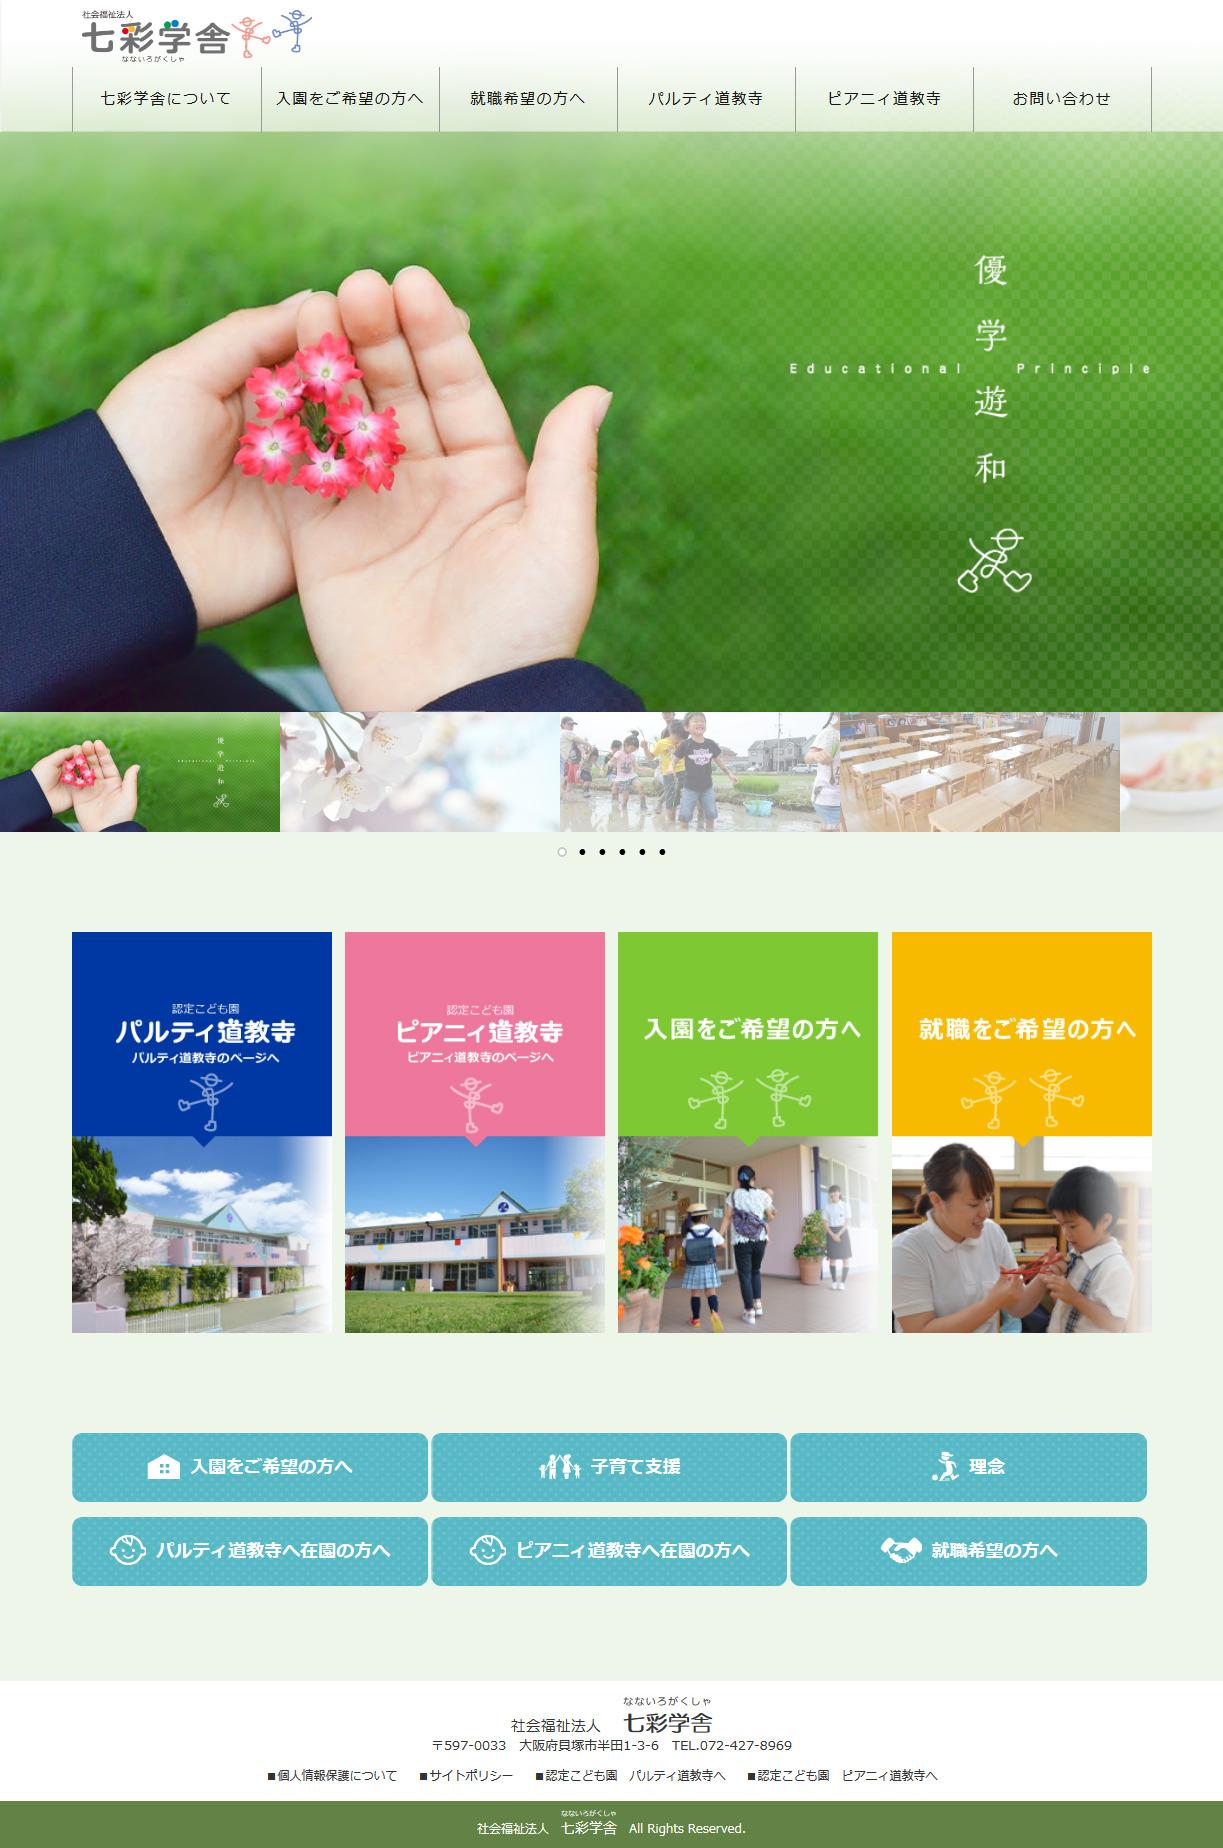 社会福祉法人 七彩学舎 PC版